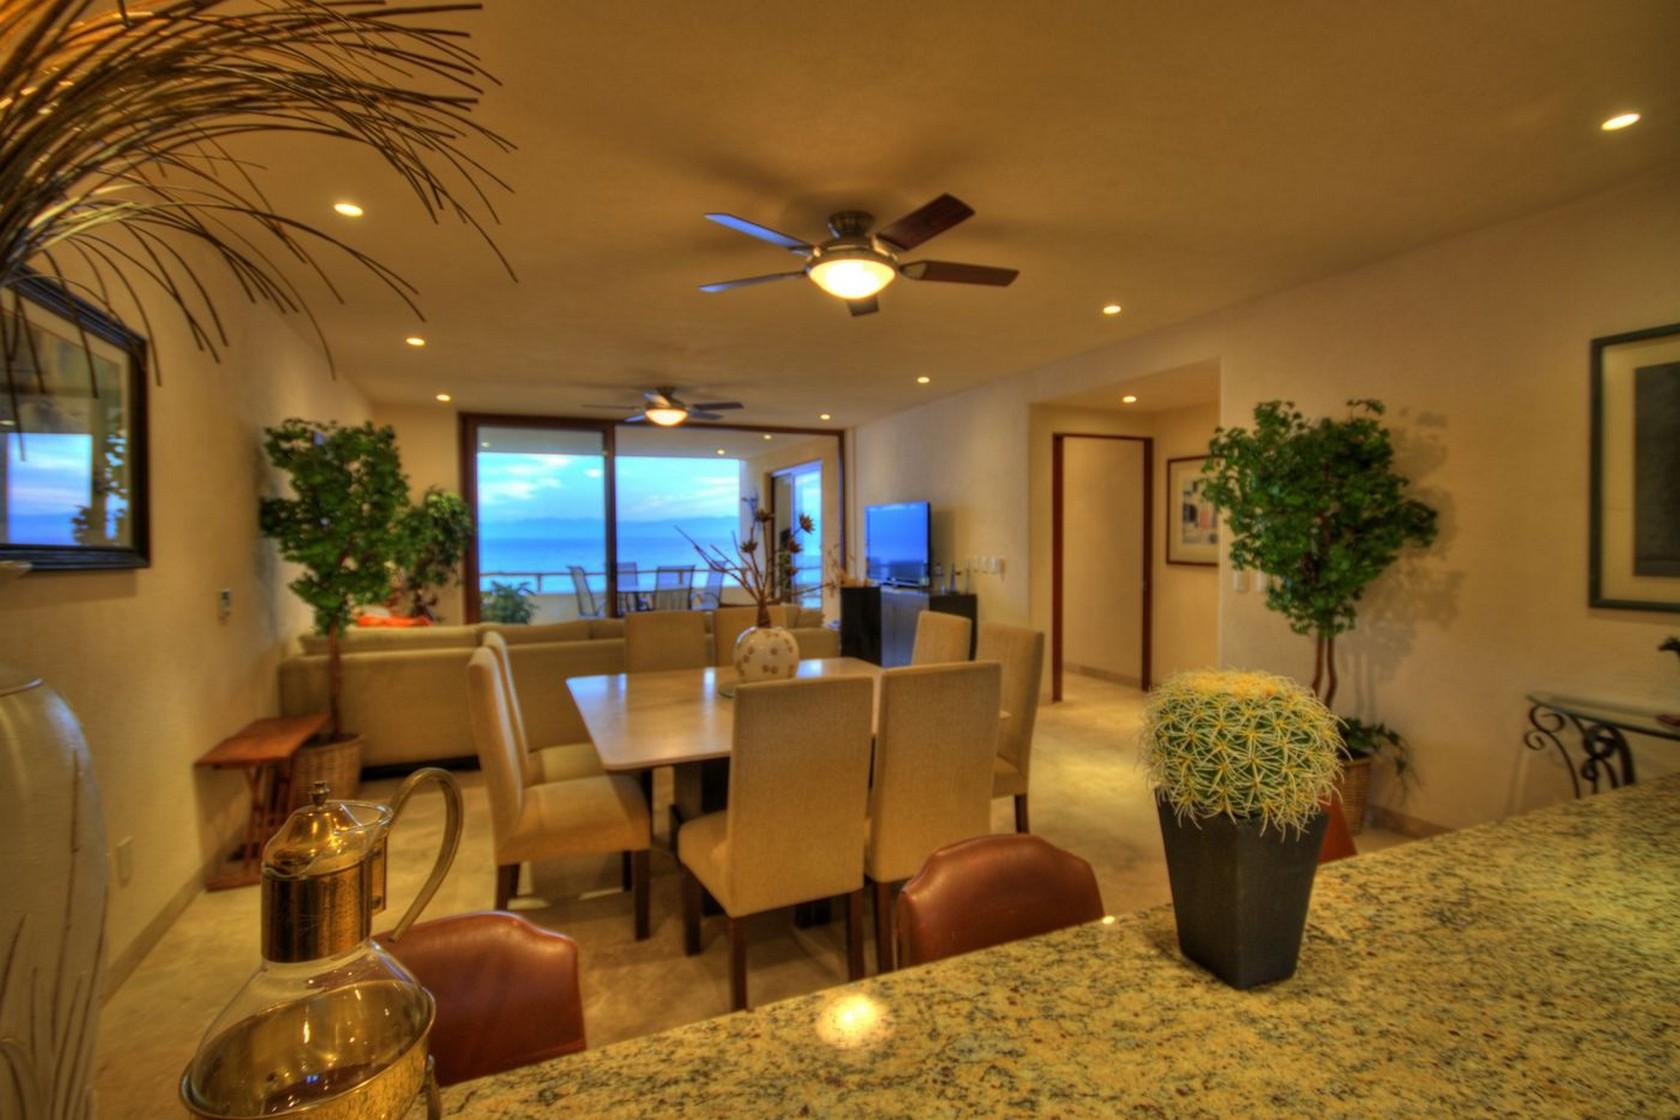 Comedor Departamento en venta Punta Esmeralda Resort La Cruz de Huanacaxtle